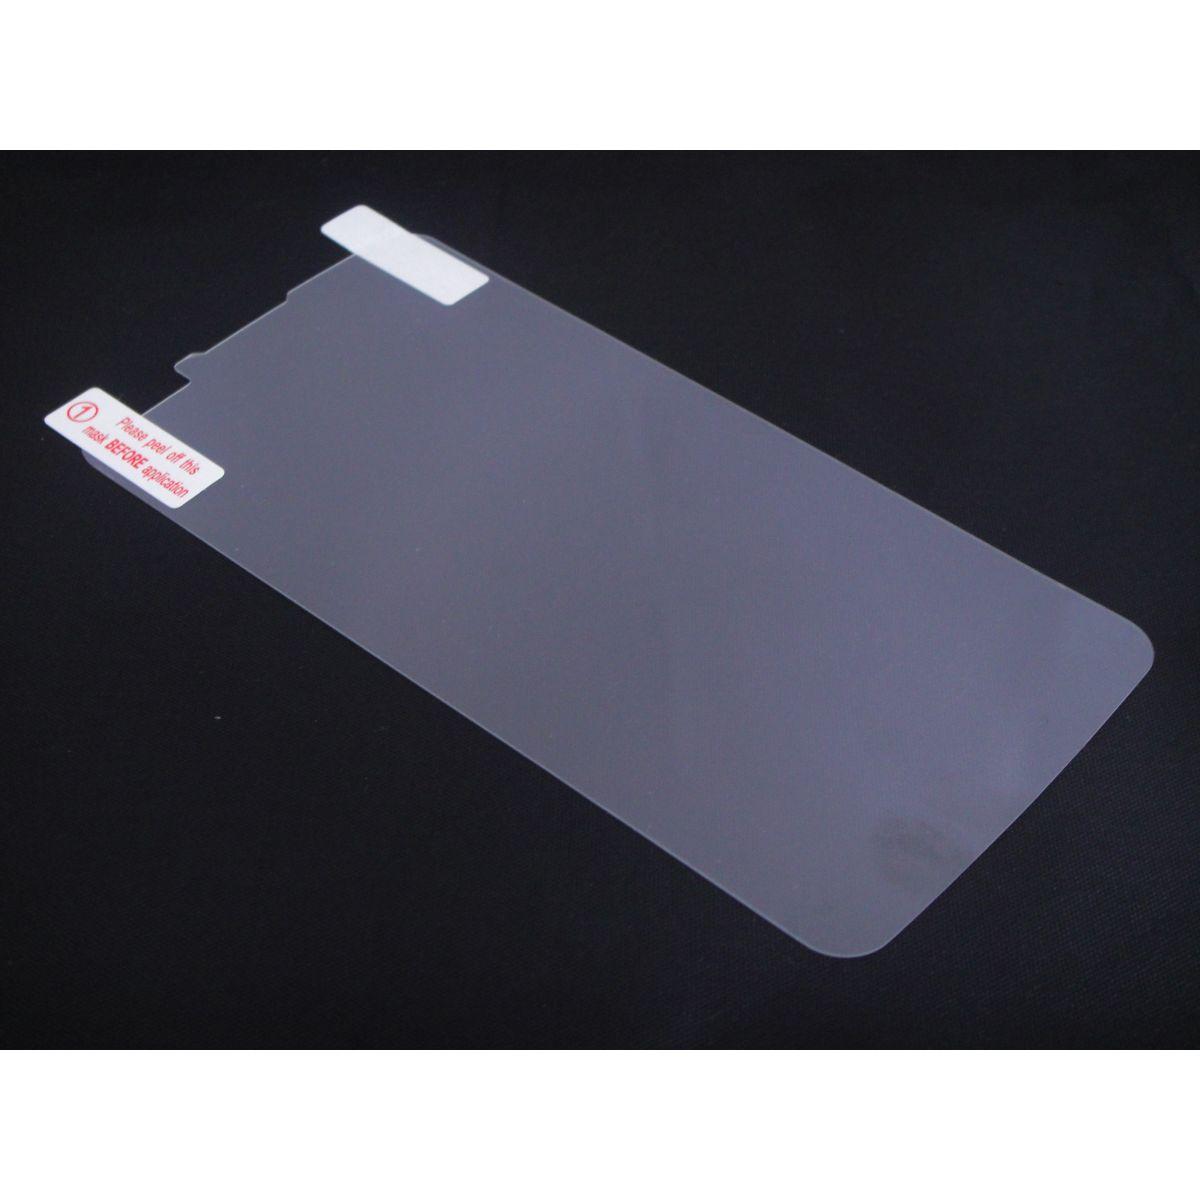 Pelicula Protetora para LG G Pro Lite Dual D685 Transparente